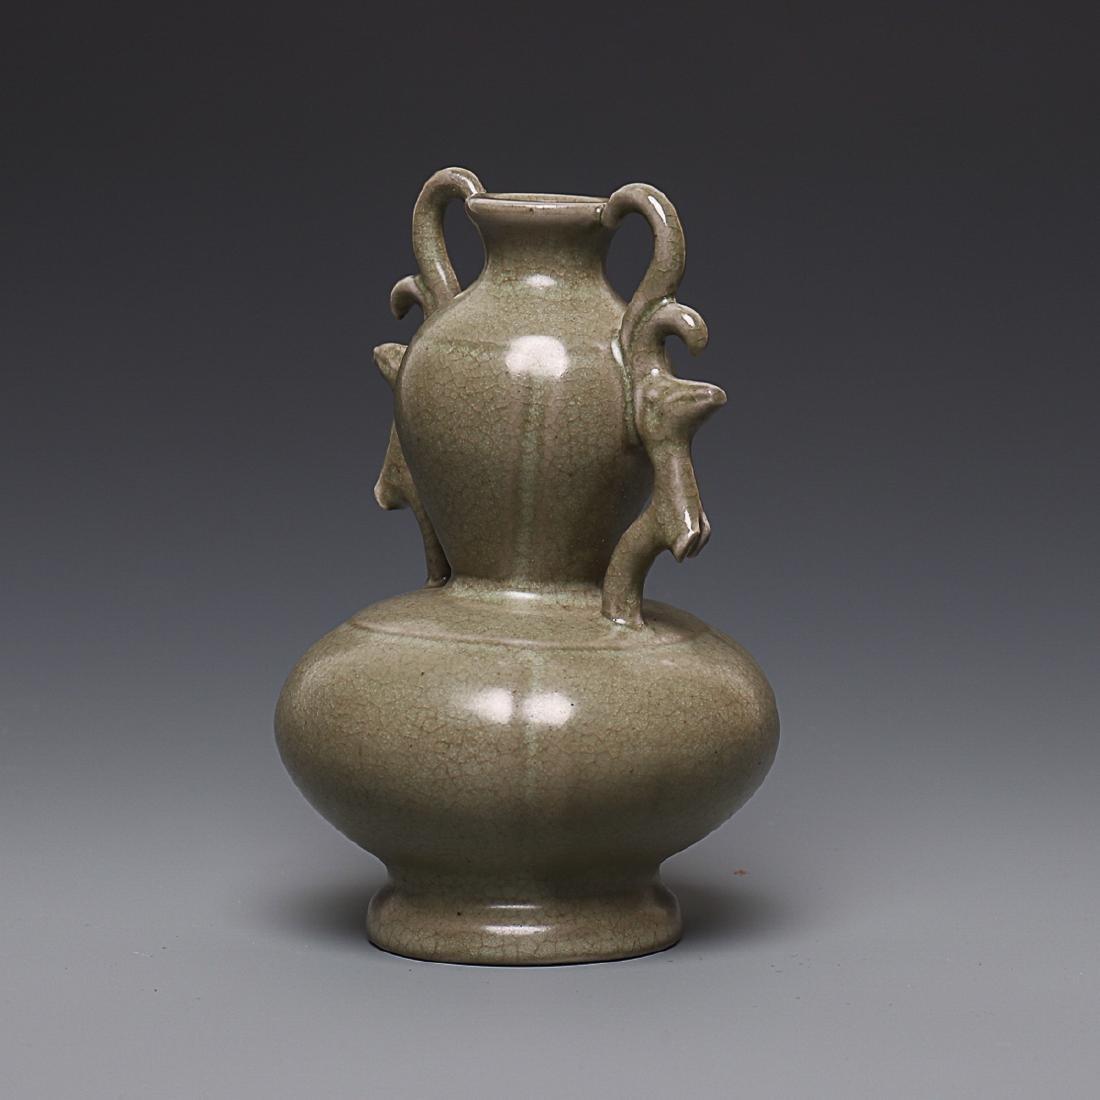 Vintage Chinese  Porcelain pot  Vase - 2